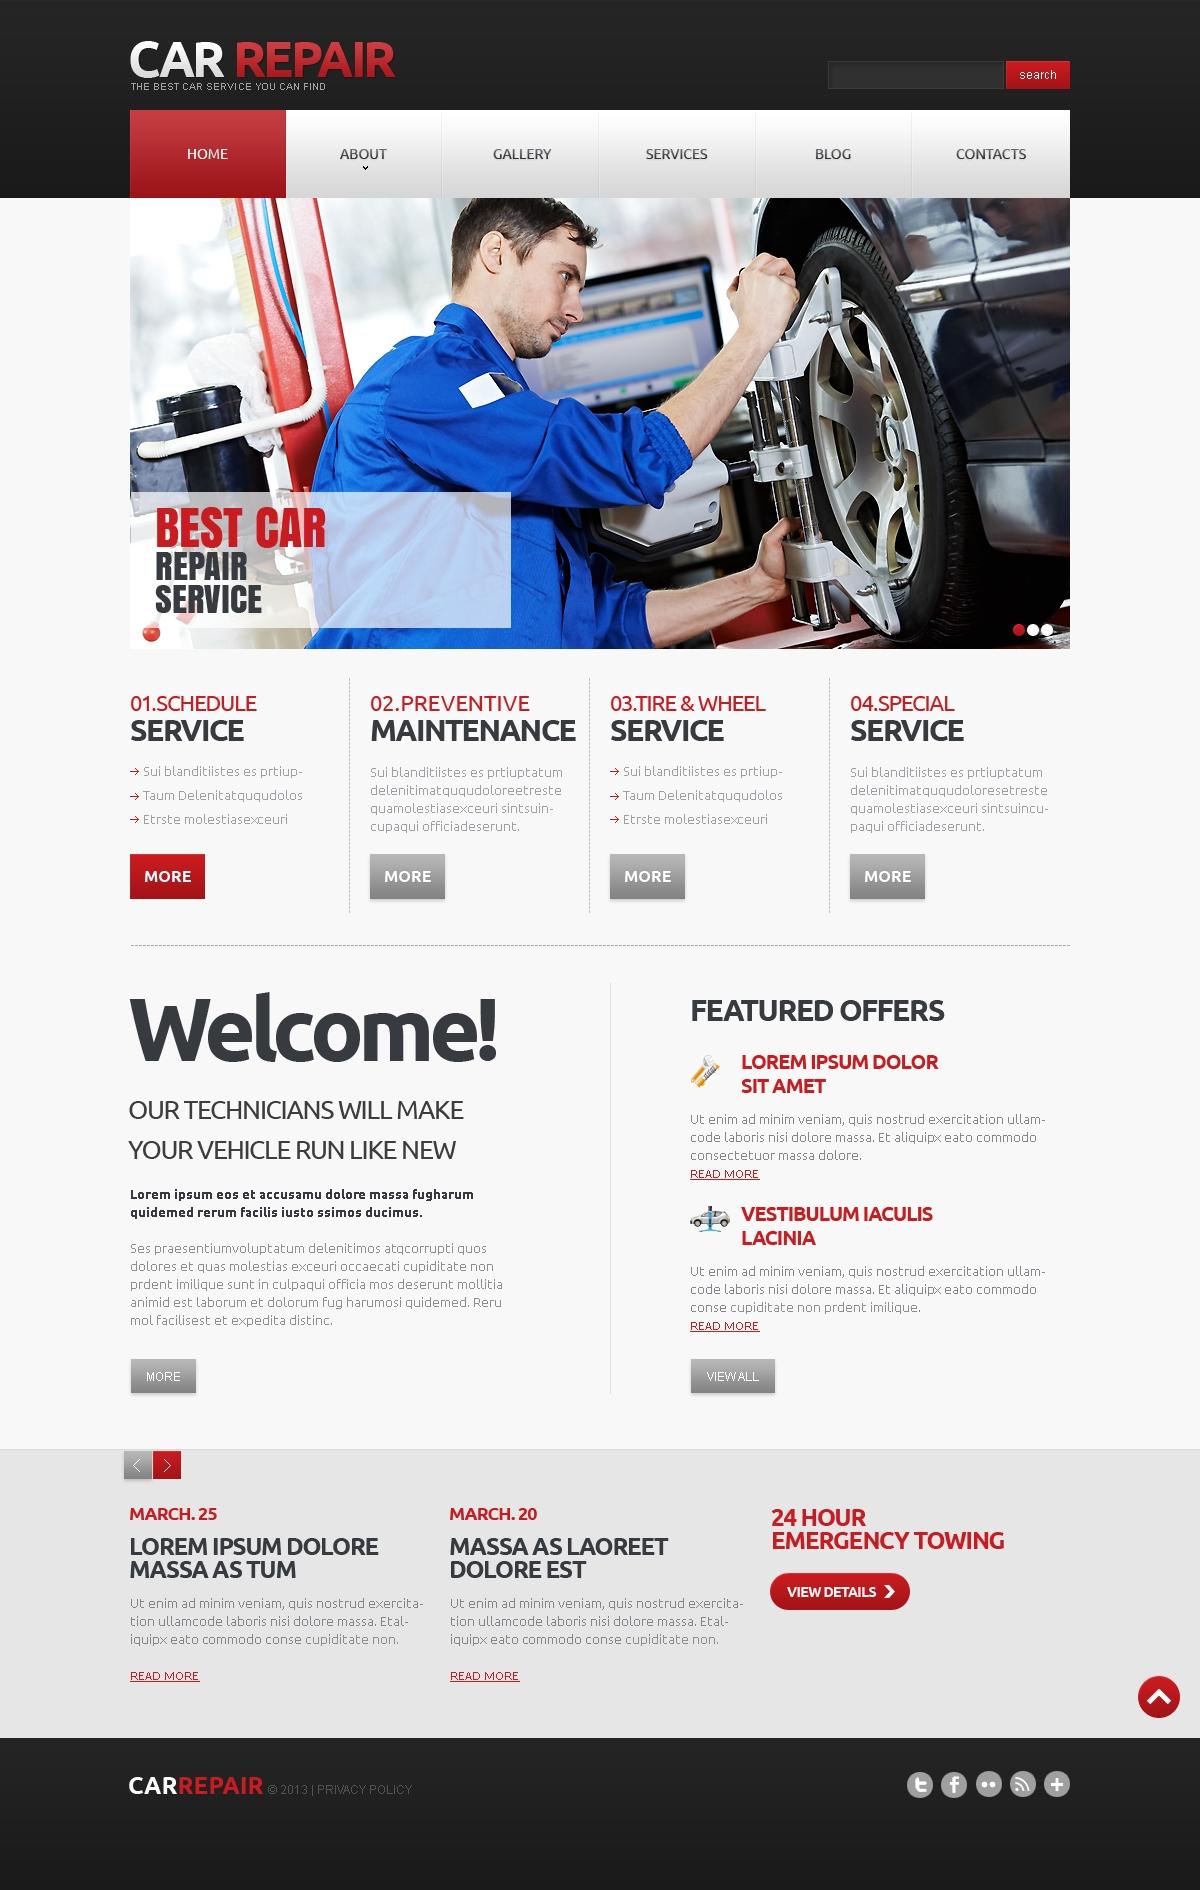 Thème Joomla adaptatif pour site de réparation de voitures #47115 - screenshot